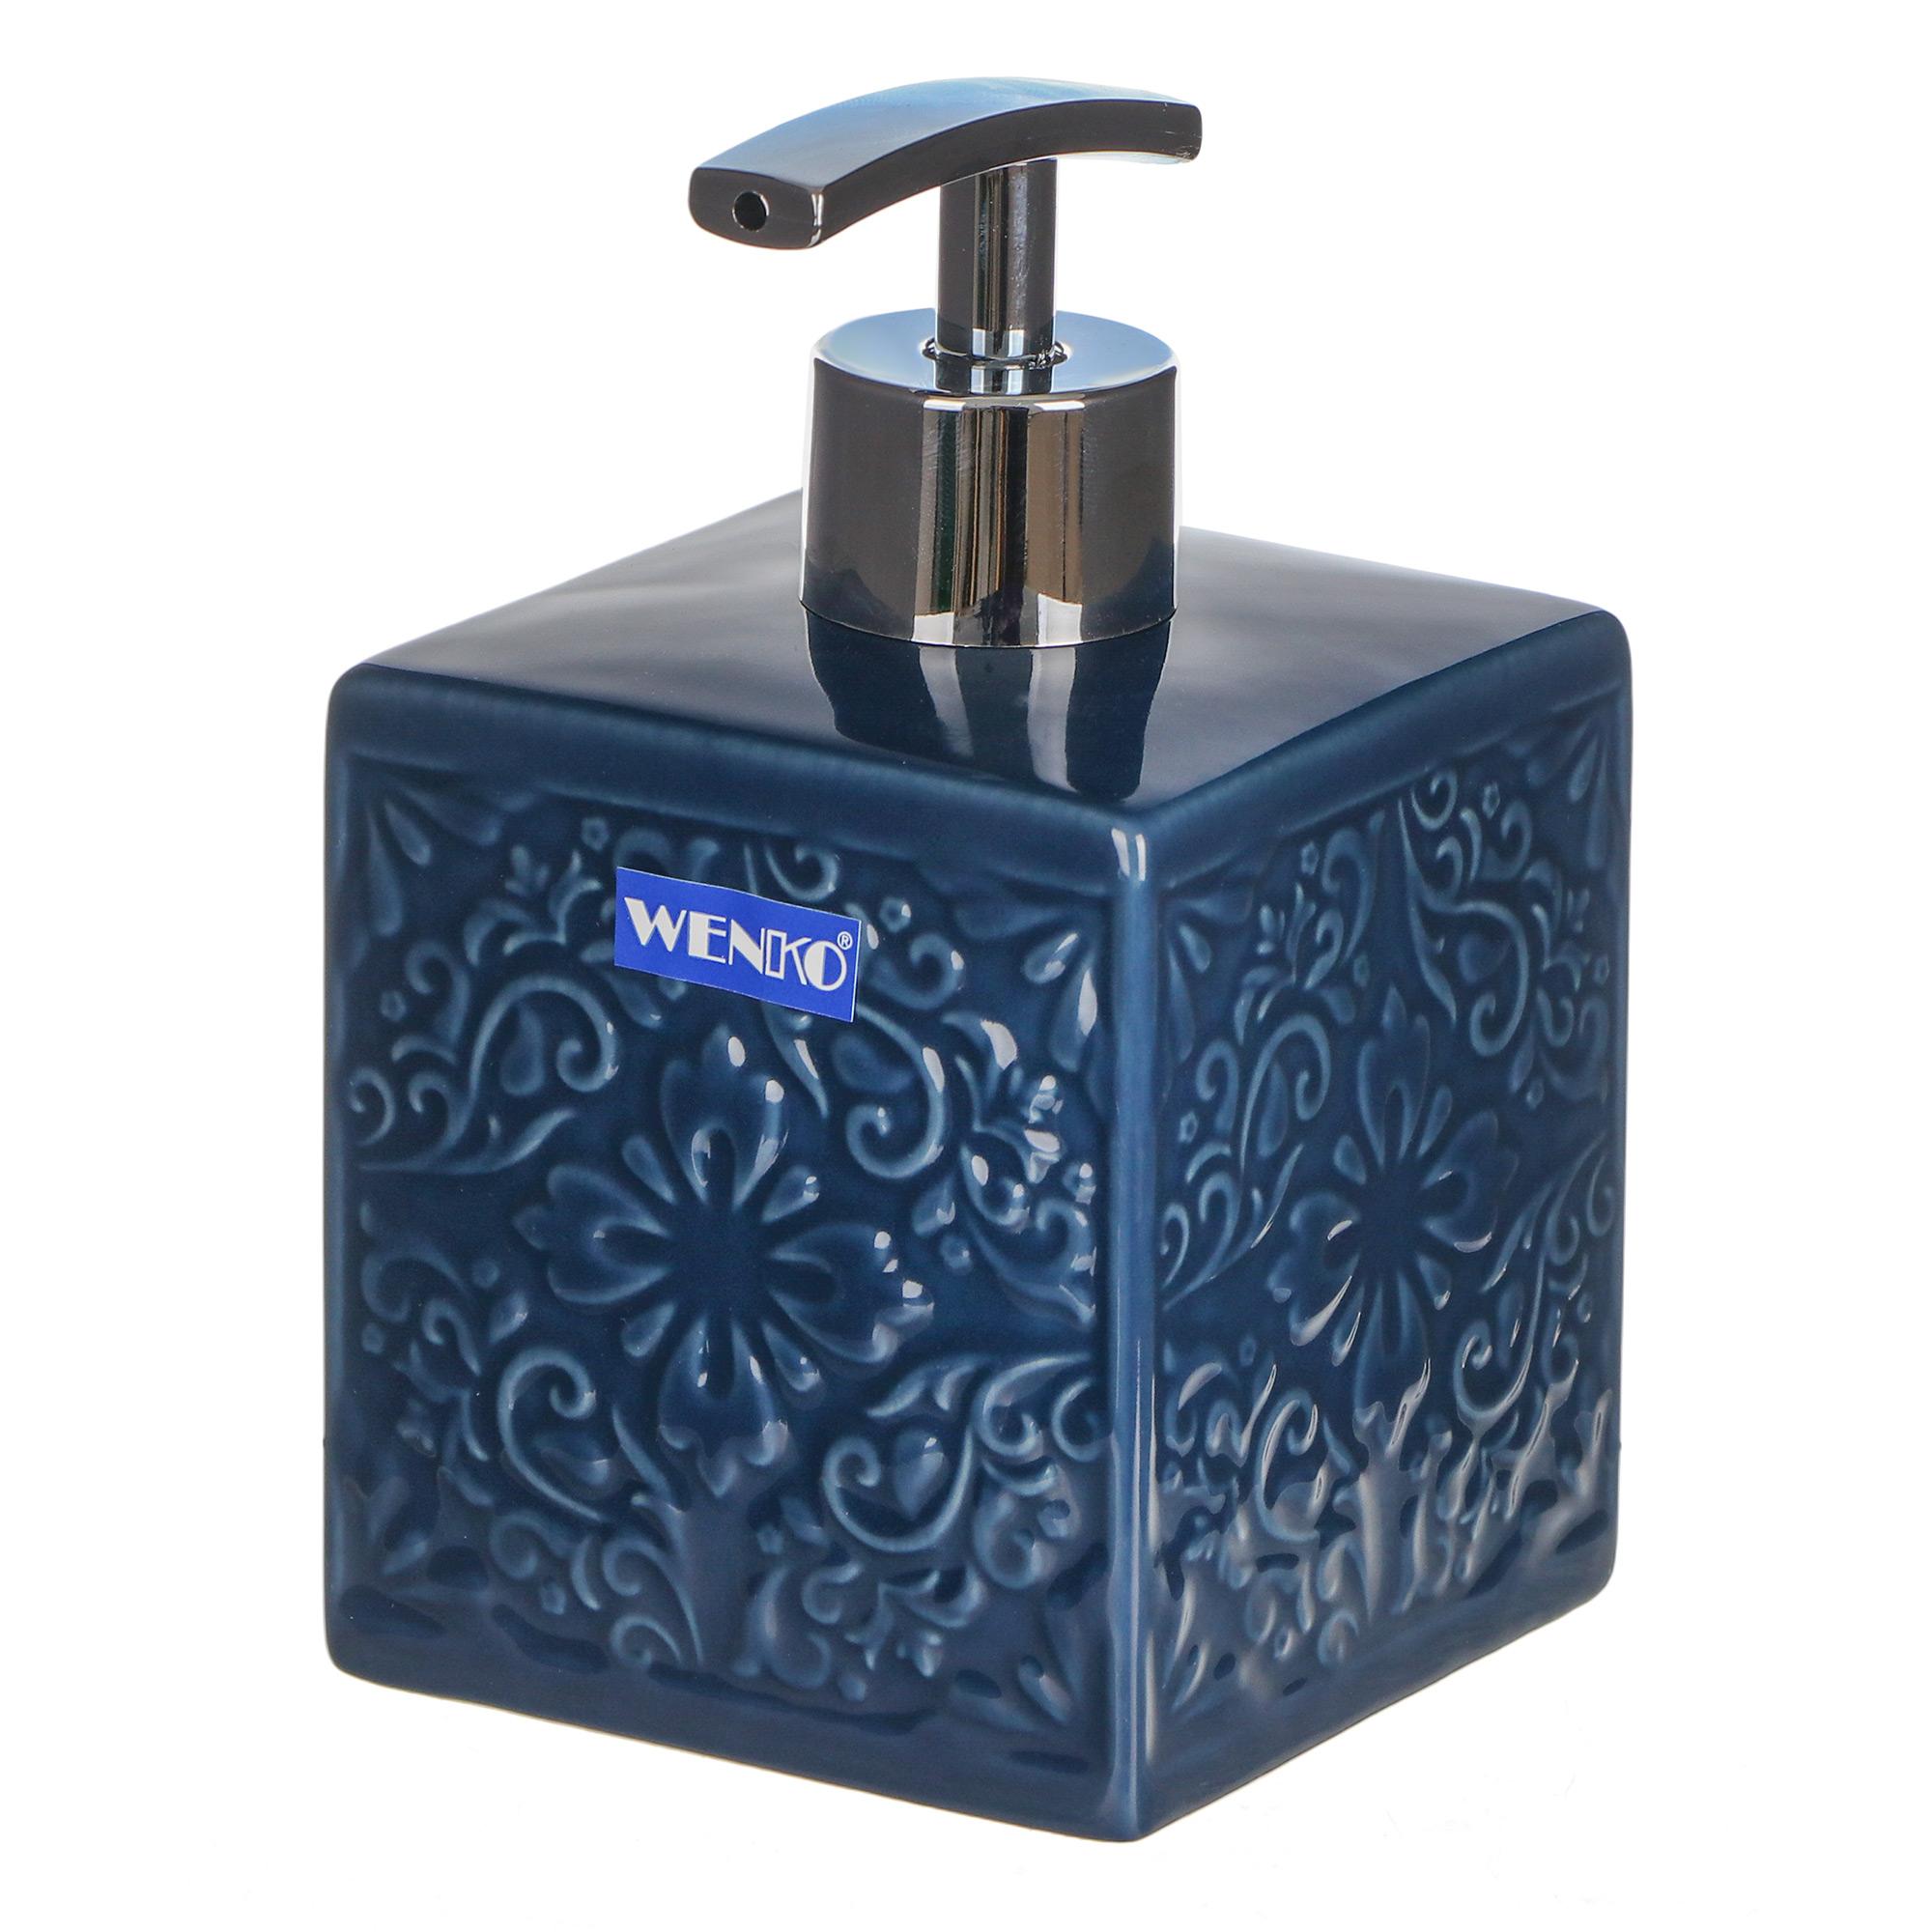 Дозатор для мыла Wenko sanitary cordoba тёмн-синий дозатор для мыла wenko sanitary goa бежевый